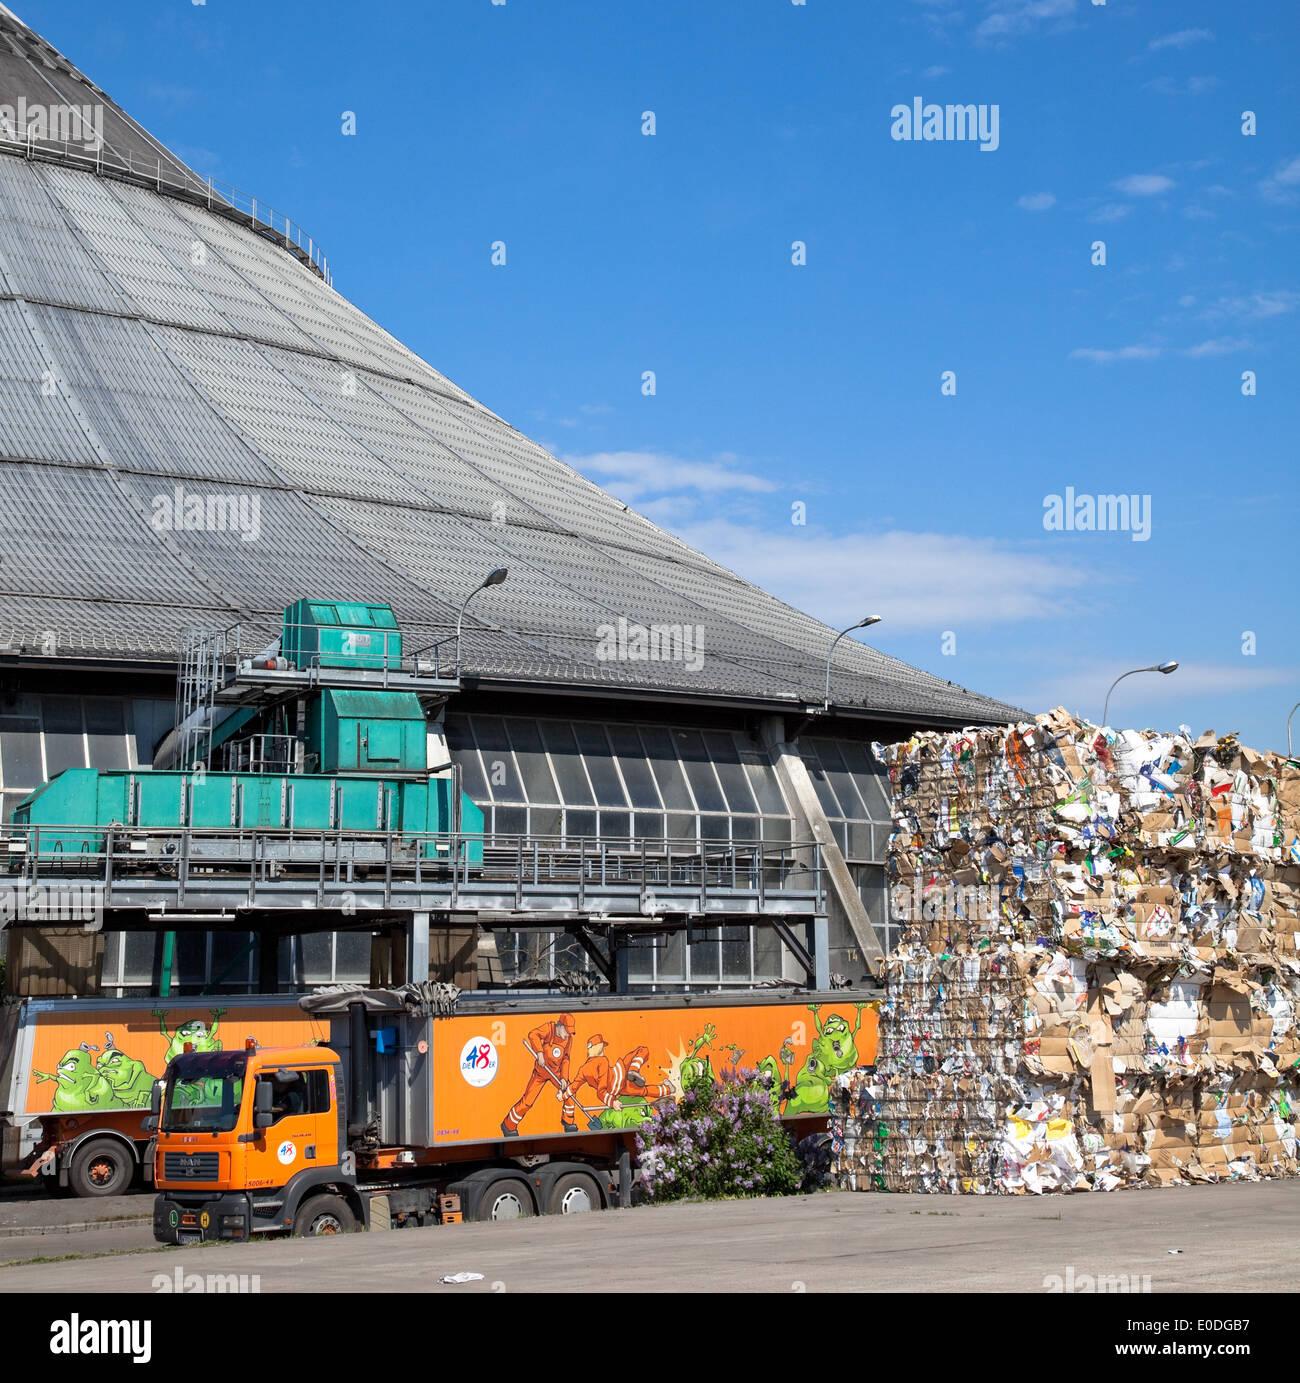 Rinterzelt, Müllaufbereitungs/Verbrennungsanlage, Wien, Österreich - Rinterzelt, instalación de gestión Imagen De Stock